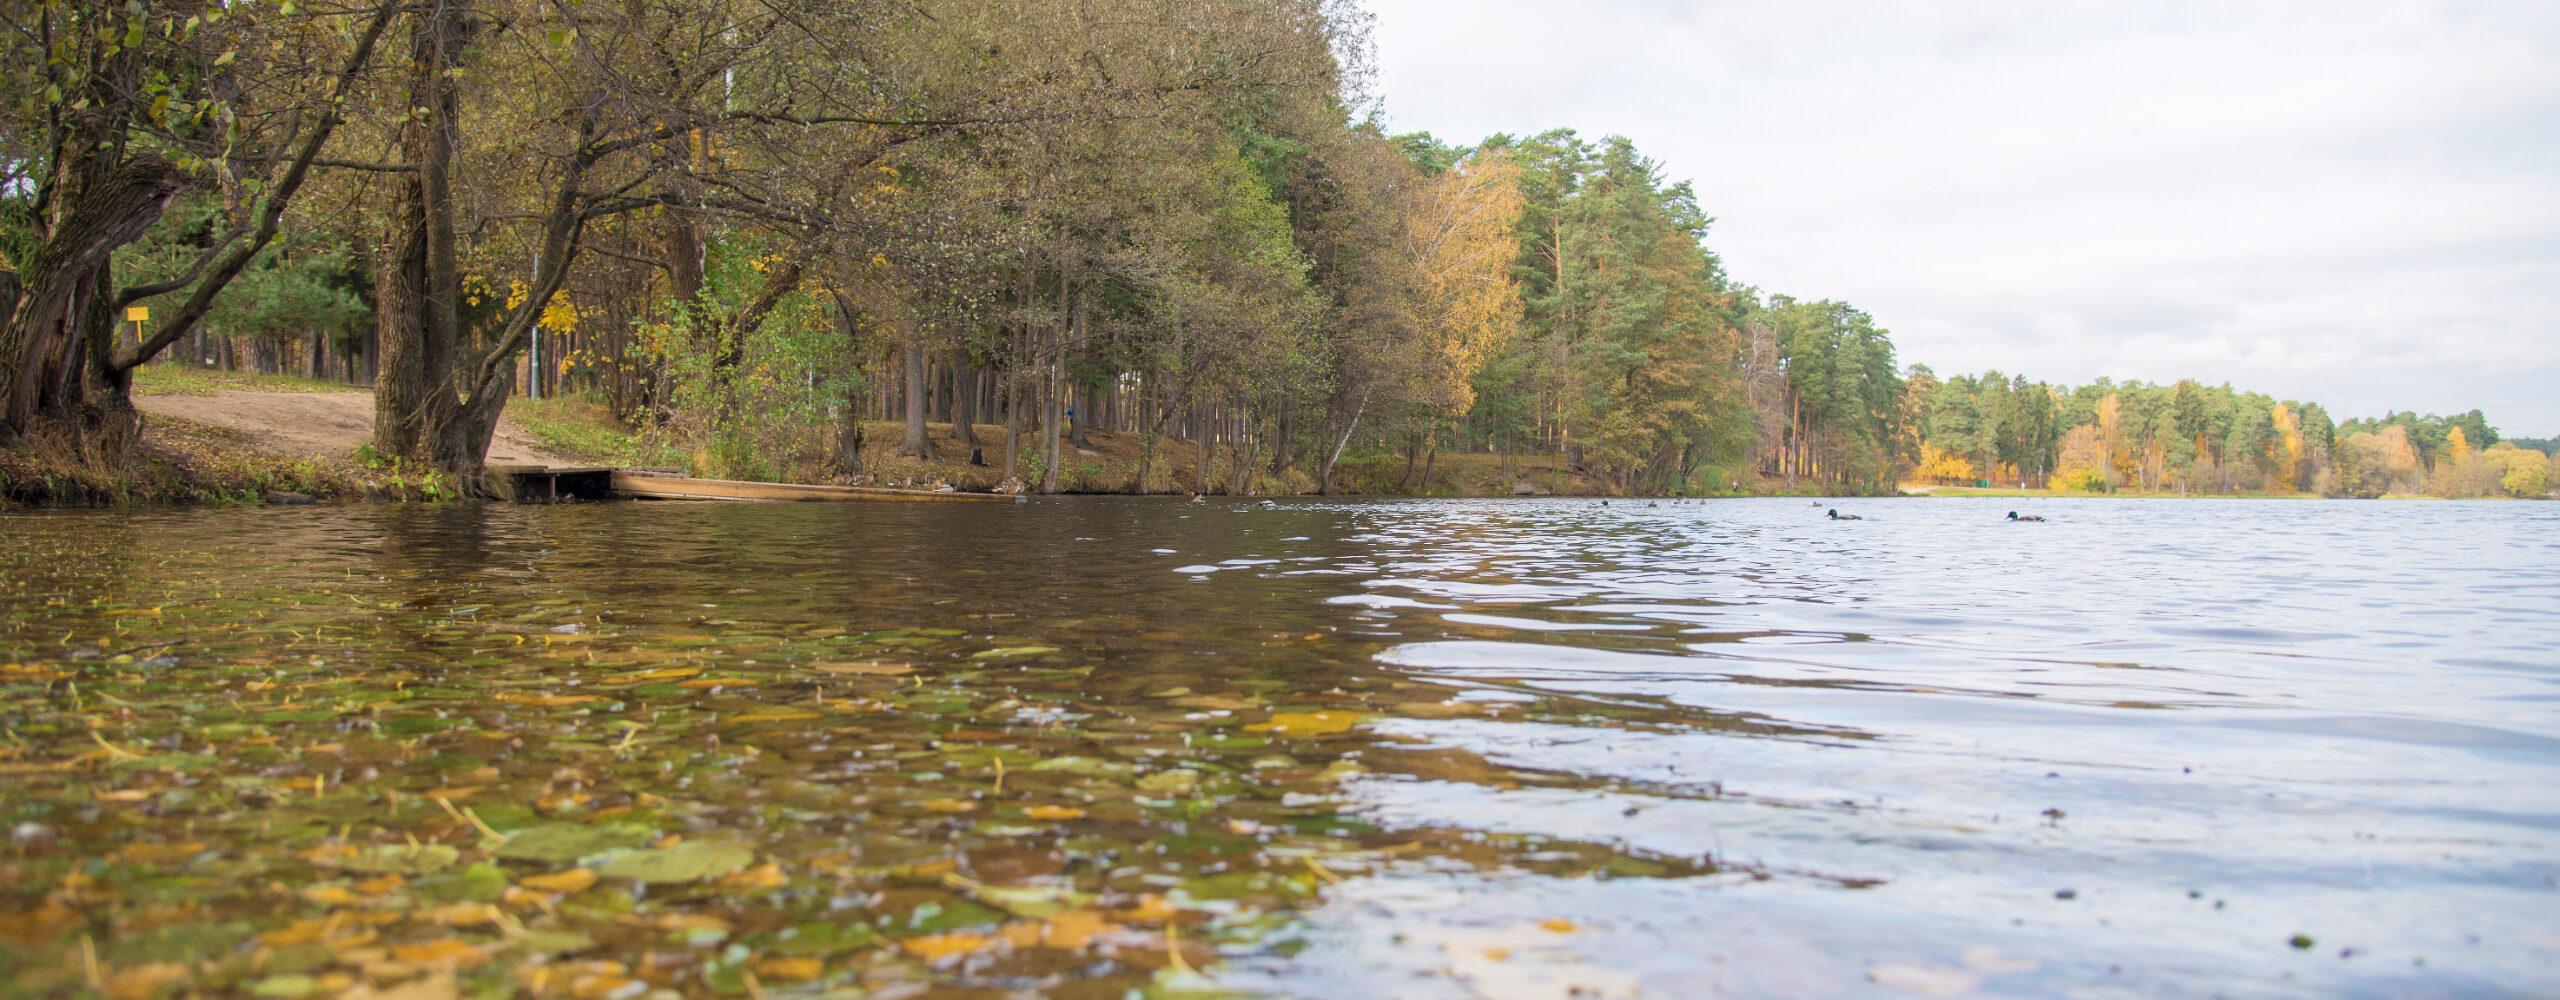 Кратовское озеро воктябре.